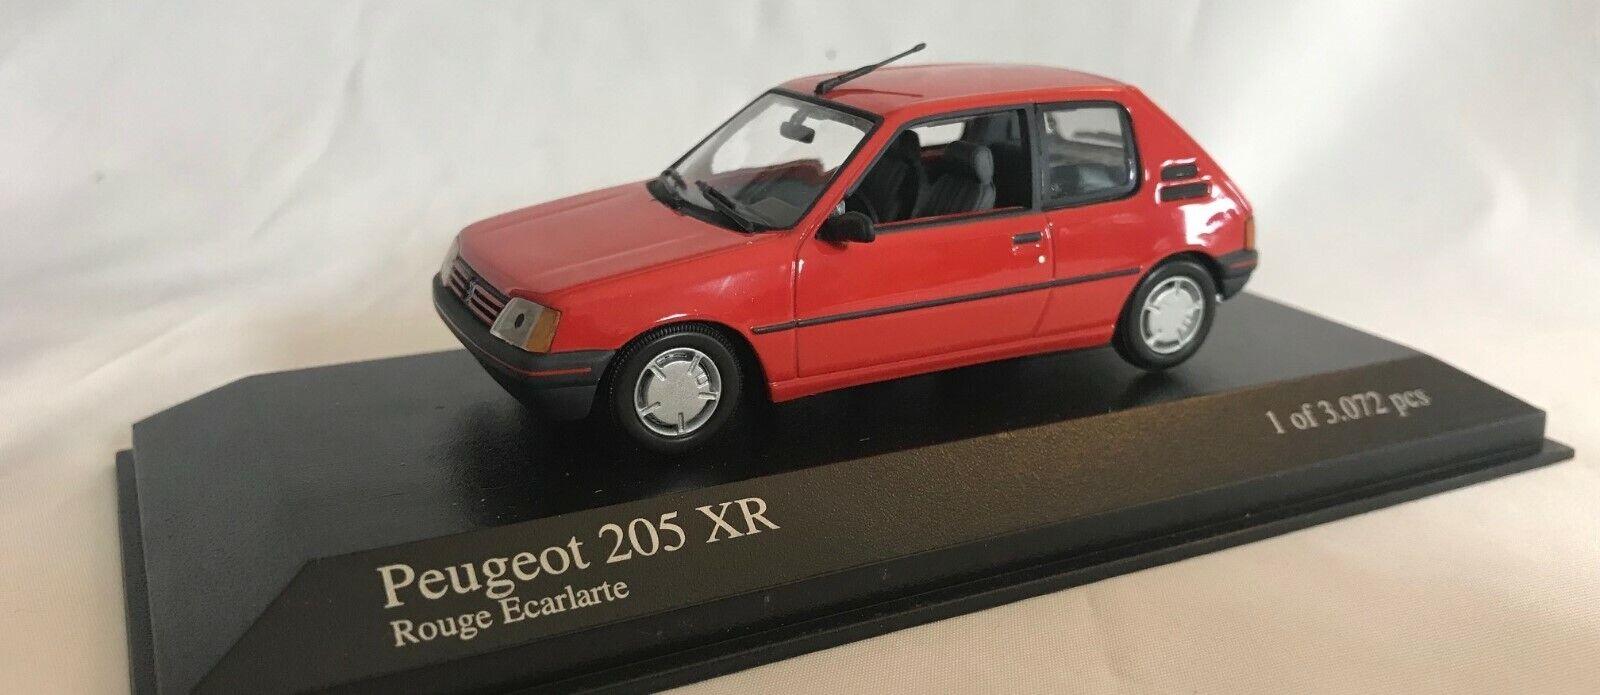 MINICHAMPS 1 43  400 112370 Peugeot 205 XR 1988